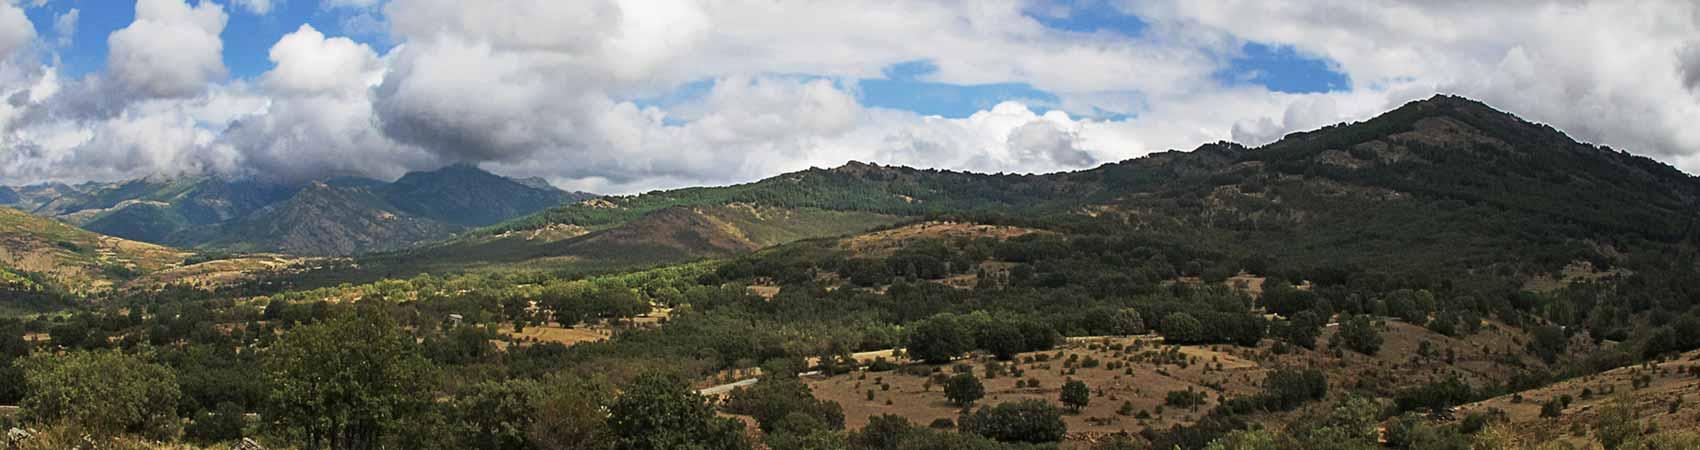 Vacances la montagne d couvrez les montagnes espagnol en vacance - Vacances en montagne locati architectes ...